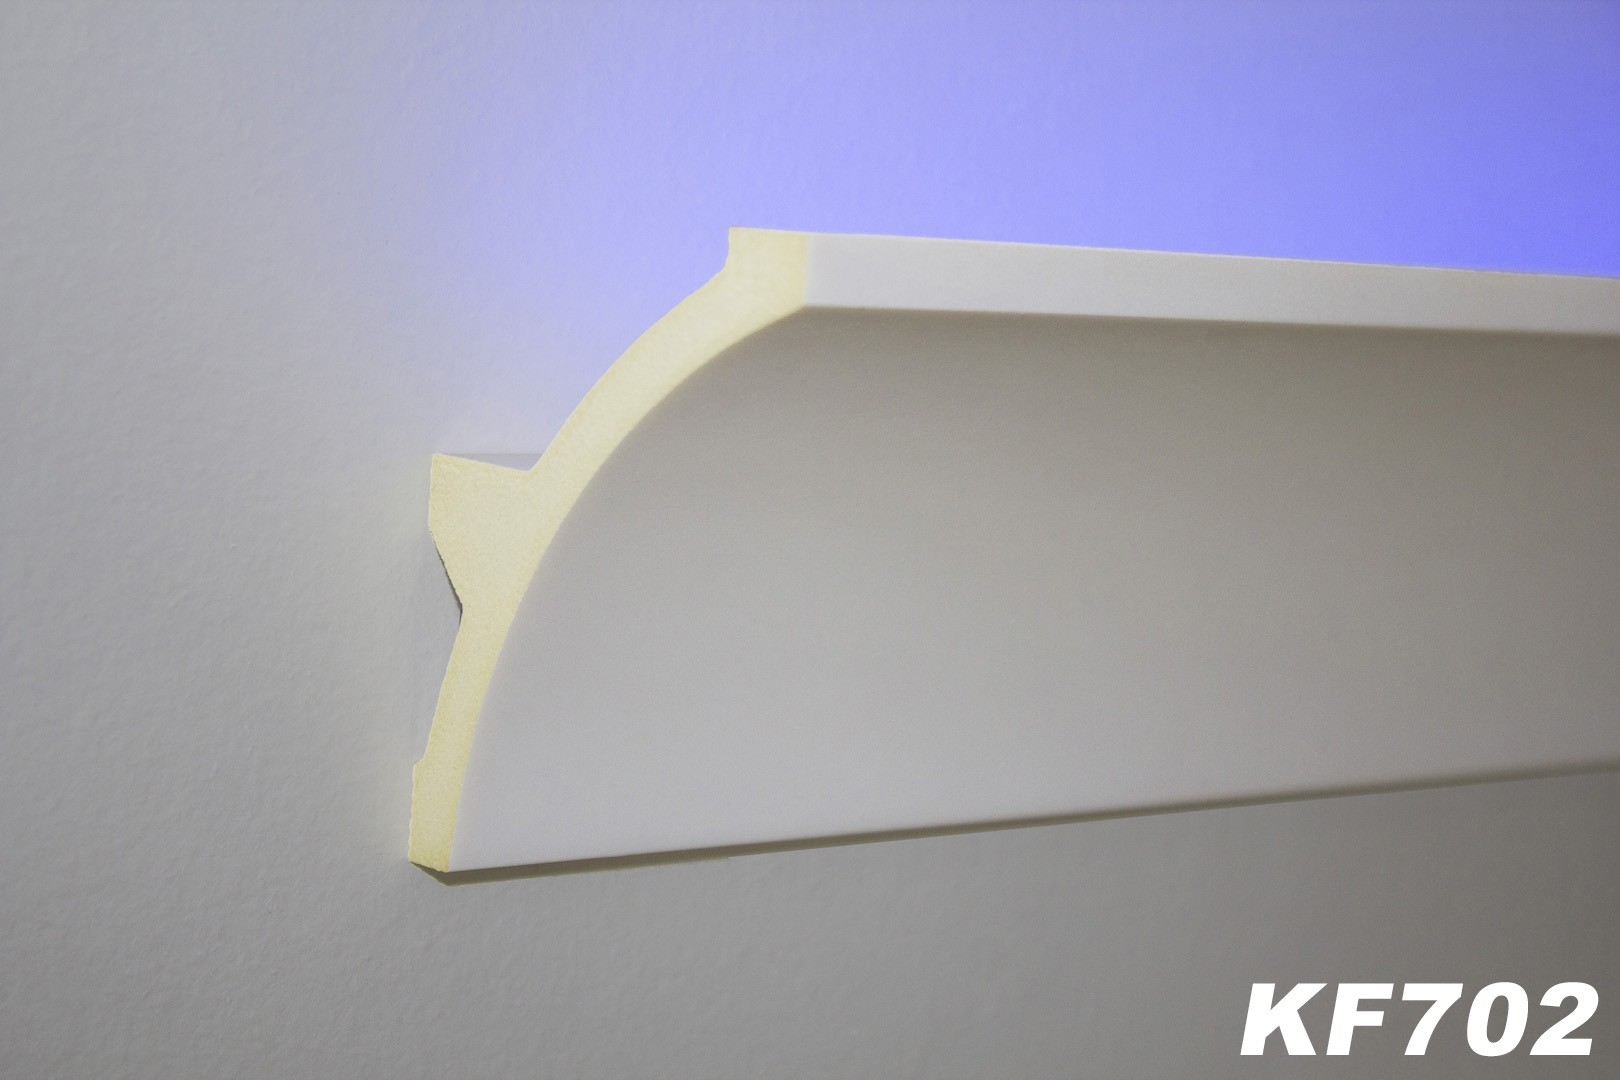 Kf702 originalbild